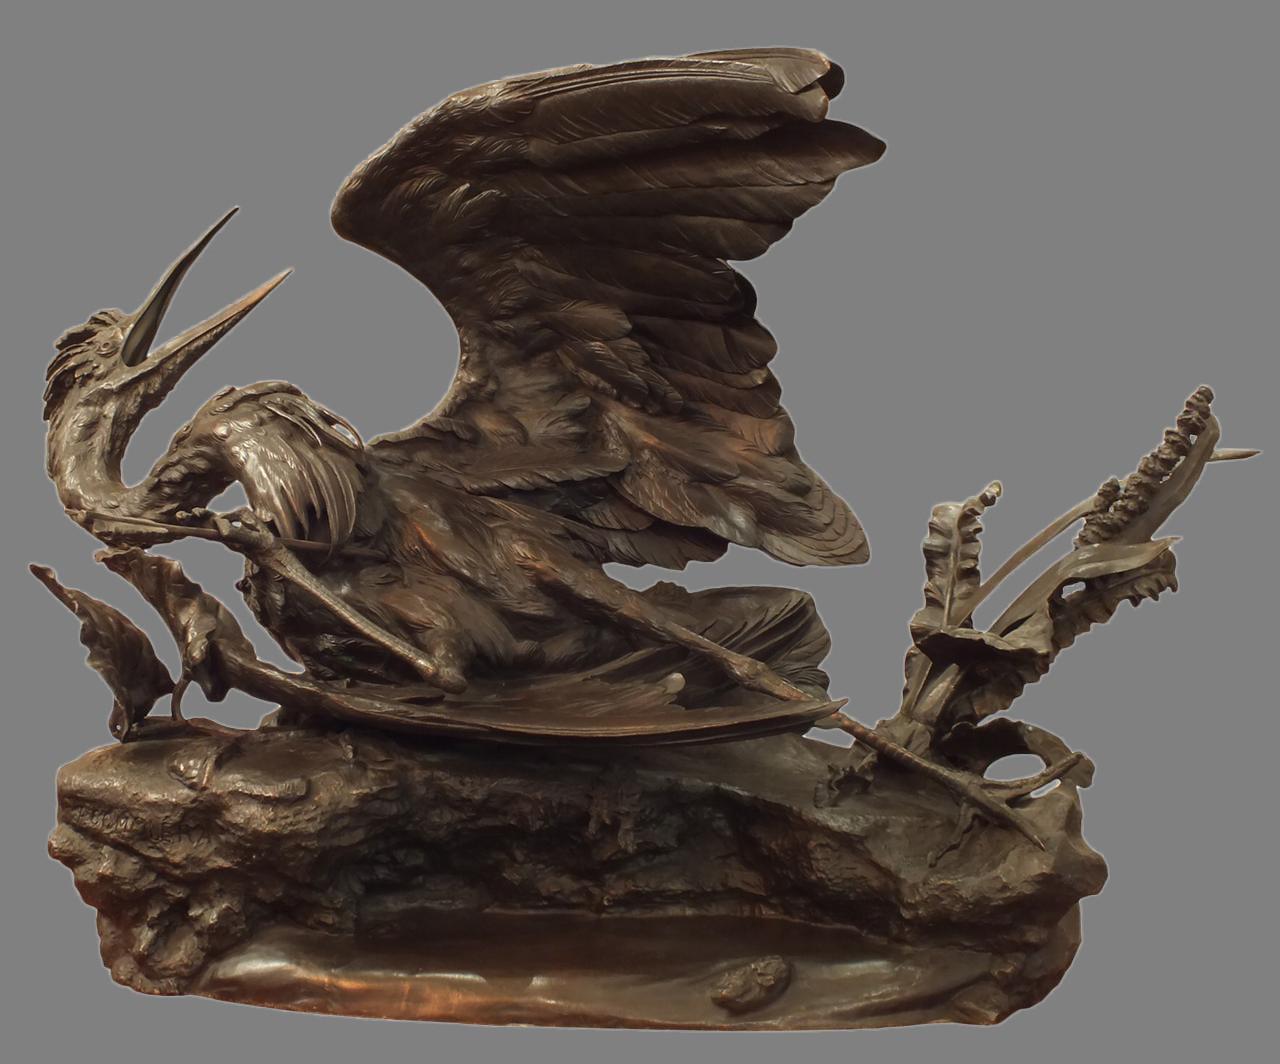 Скульптура «Раненая цапля», бронза, литье, чеканка, патинирование. Франция, Париж, скульптор Поль Комолер (1818-1897), 1860-70-е годы. 58 × 90 × 40см. Атрибуция.